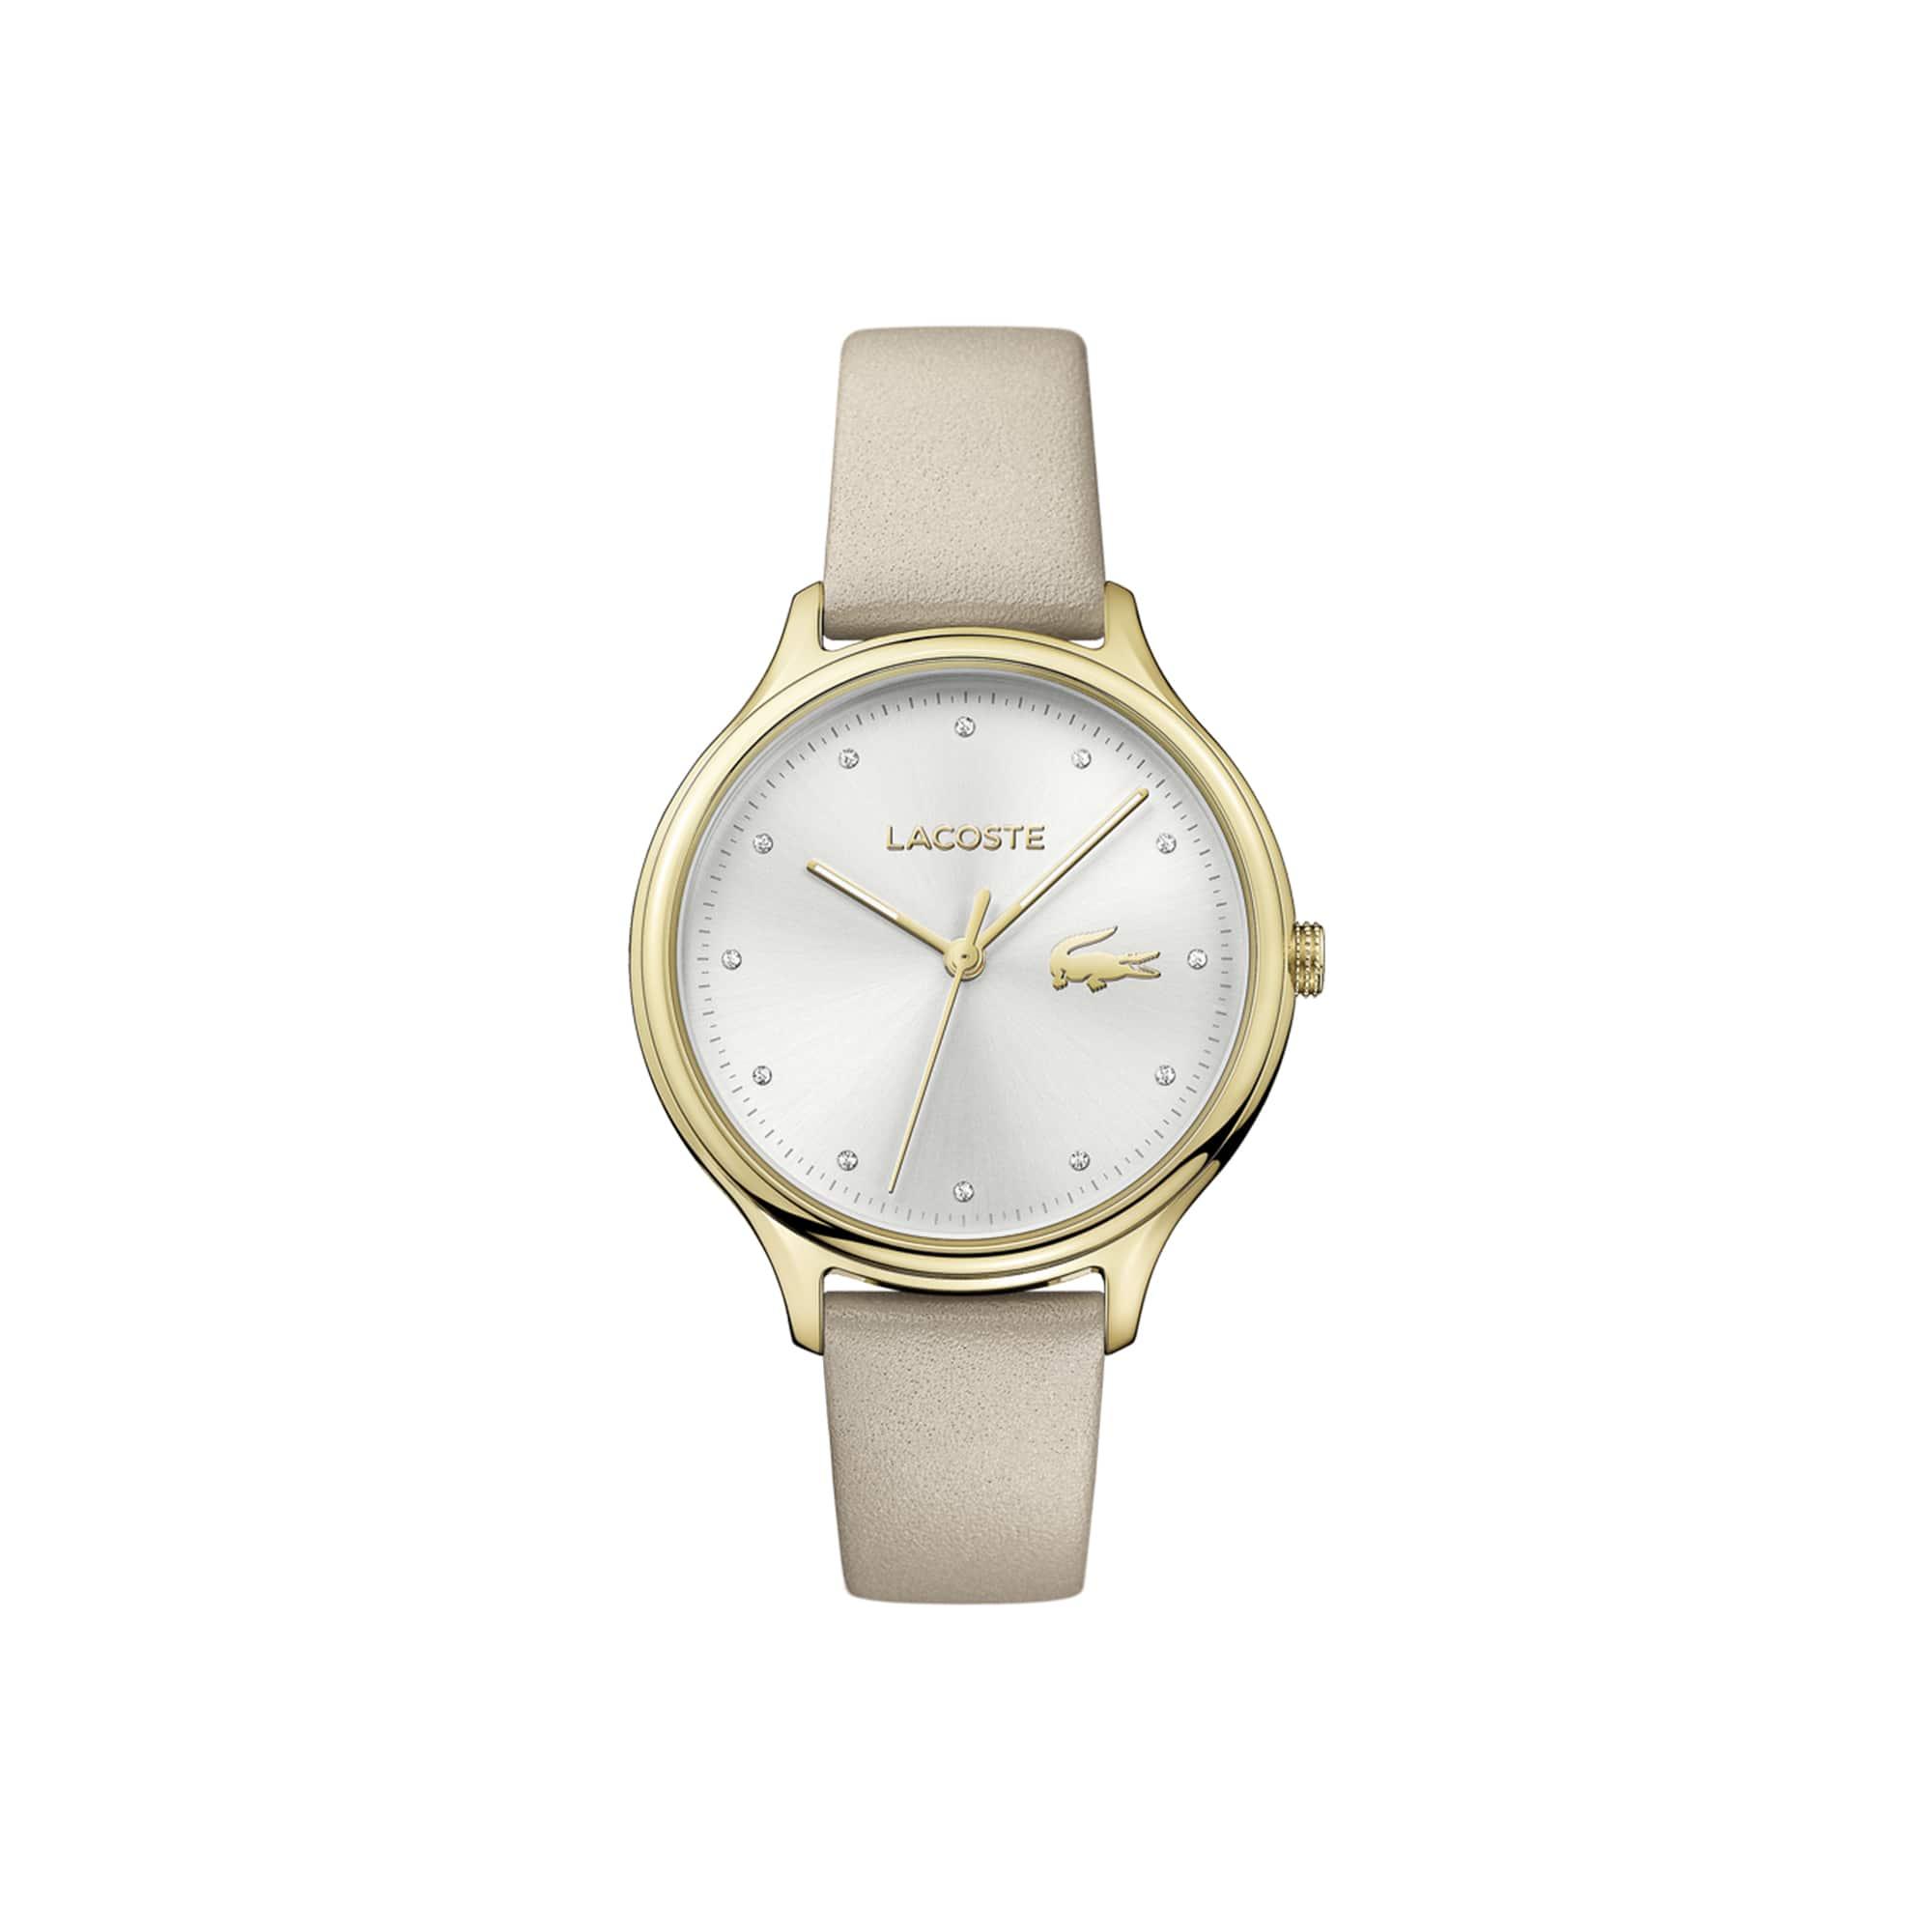 Relógio Constance Senhora com Bracelete em Couro Beige